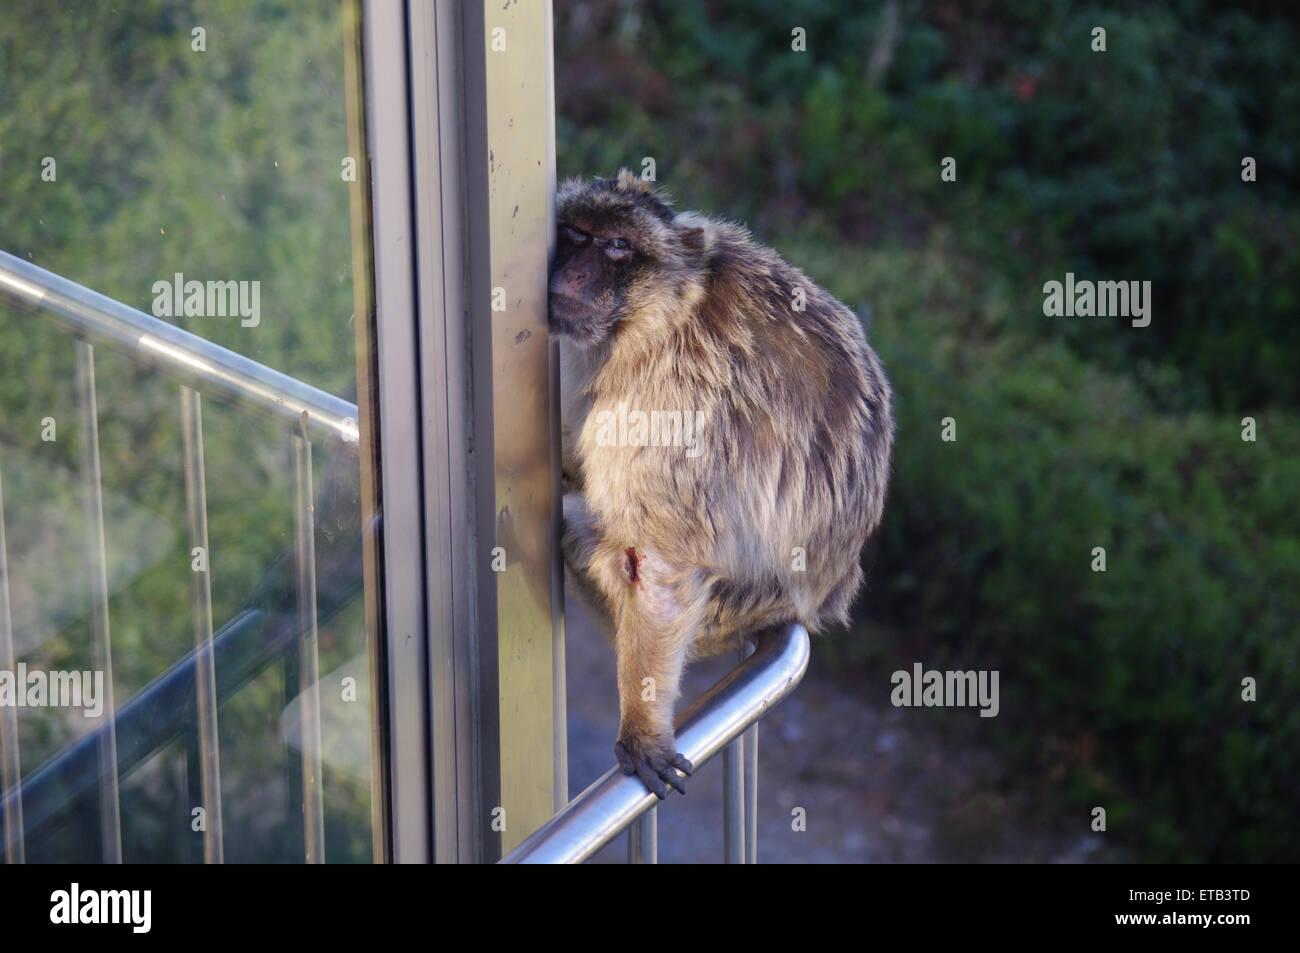 Barbary Ape Winking handrail - Stock Image